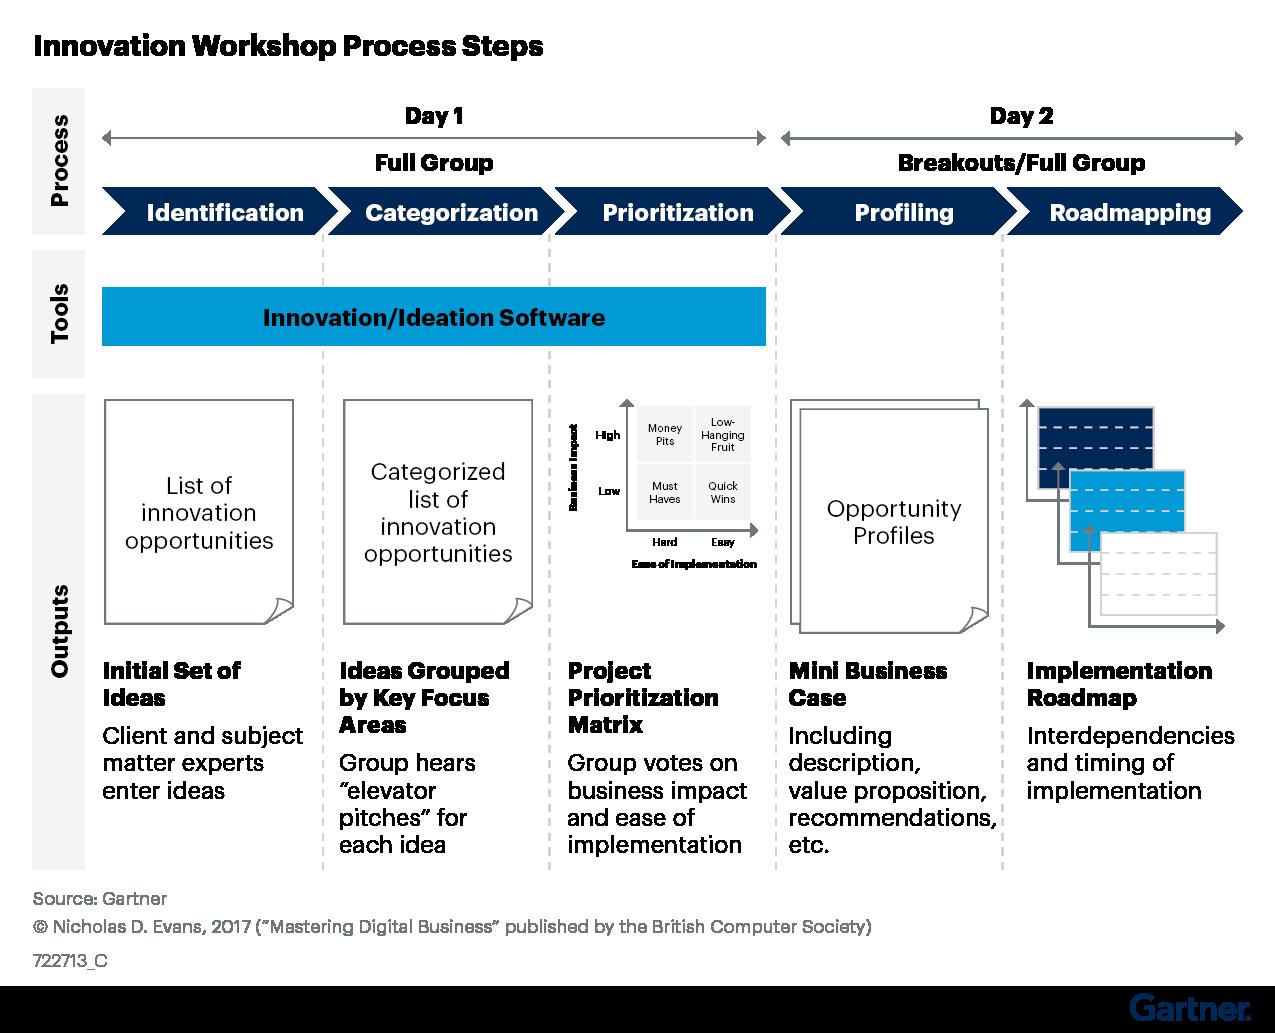 Figure 3. Innovation Workshop Process Steps